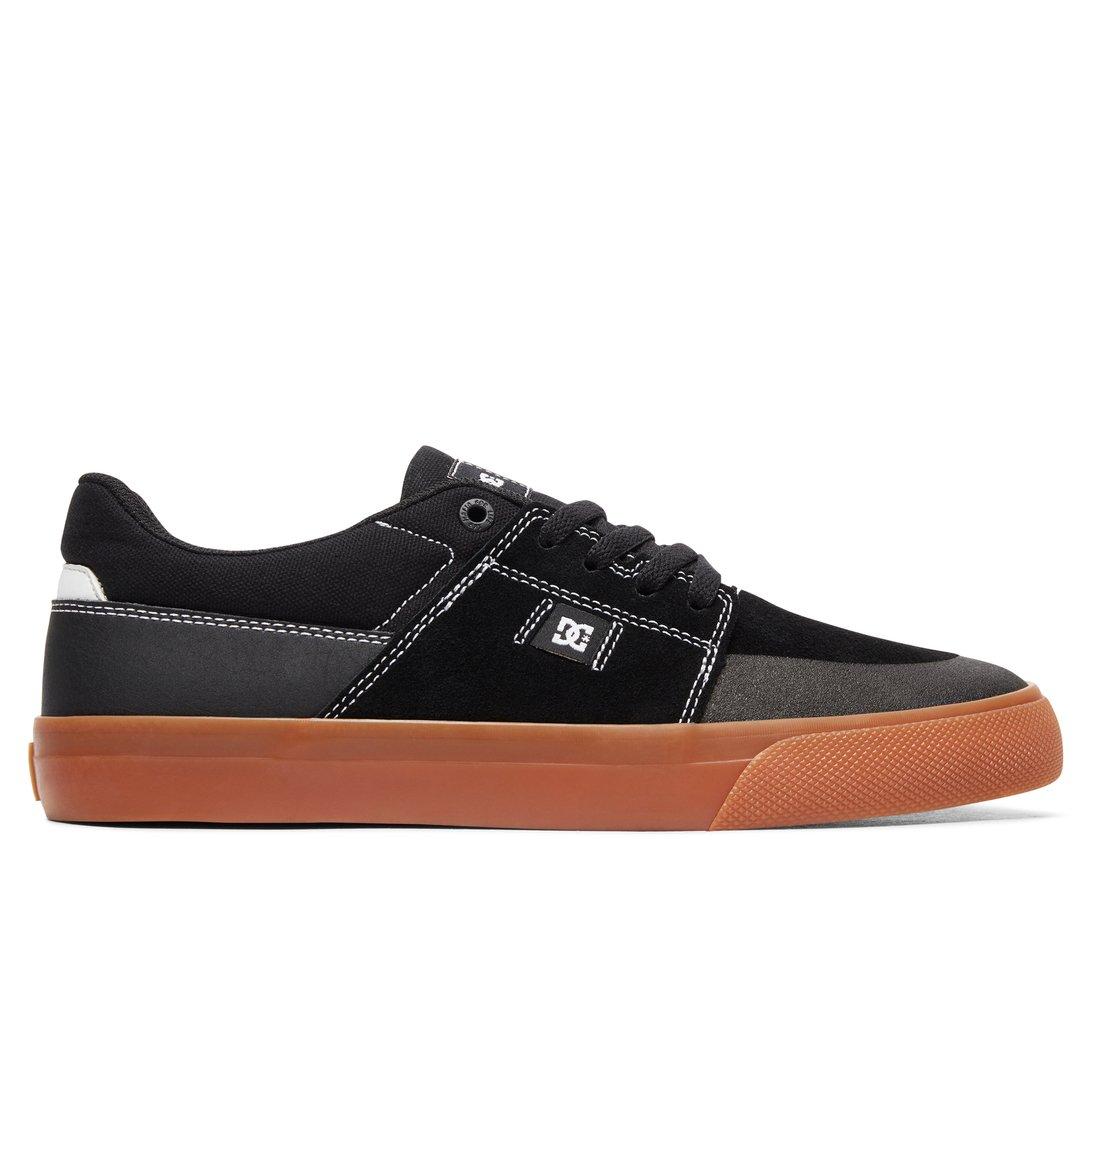 Adys300315 Zapatos Dc Wes Para Shoes Kremer Hombre ZIz5pq